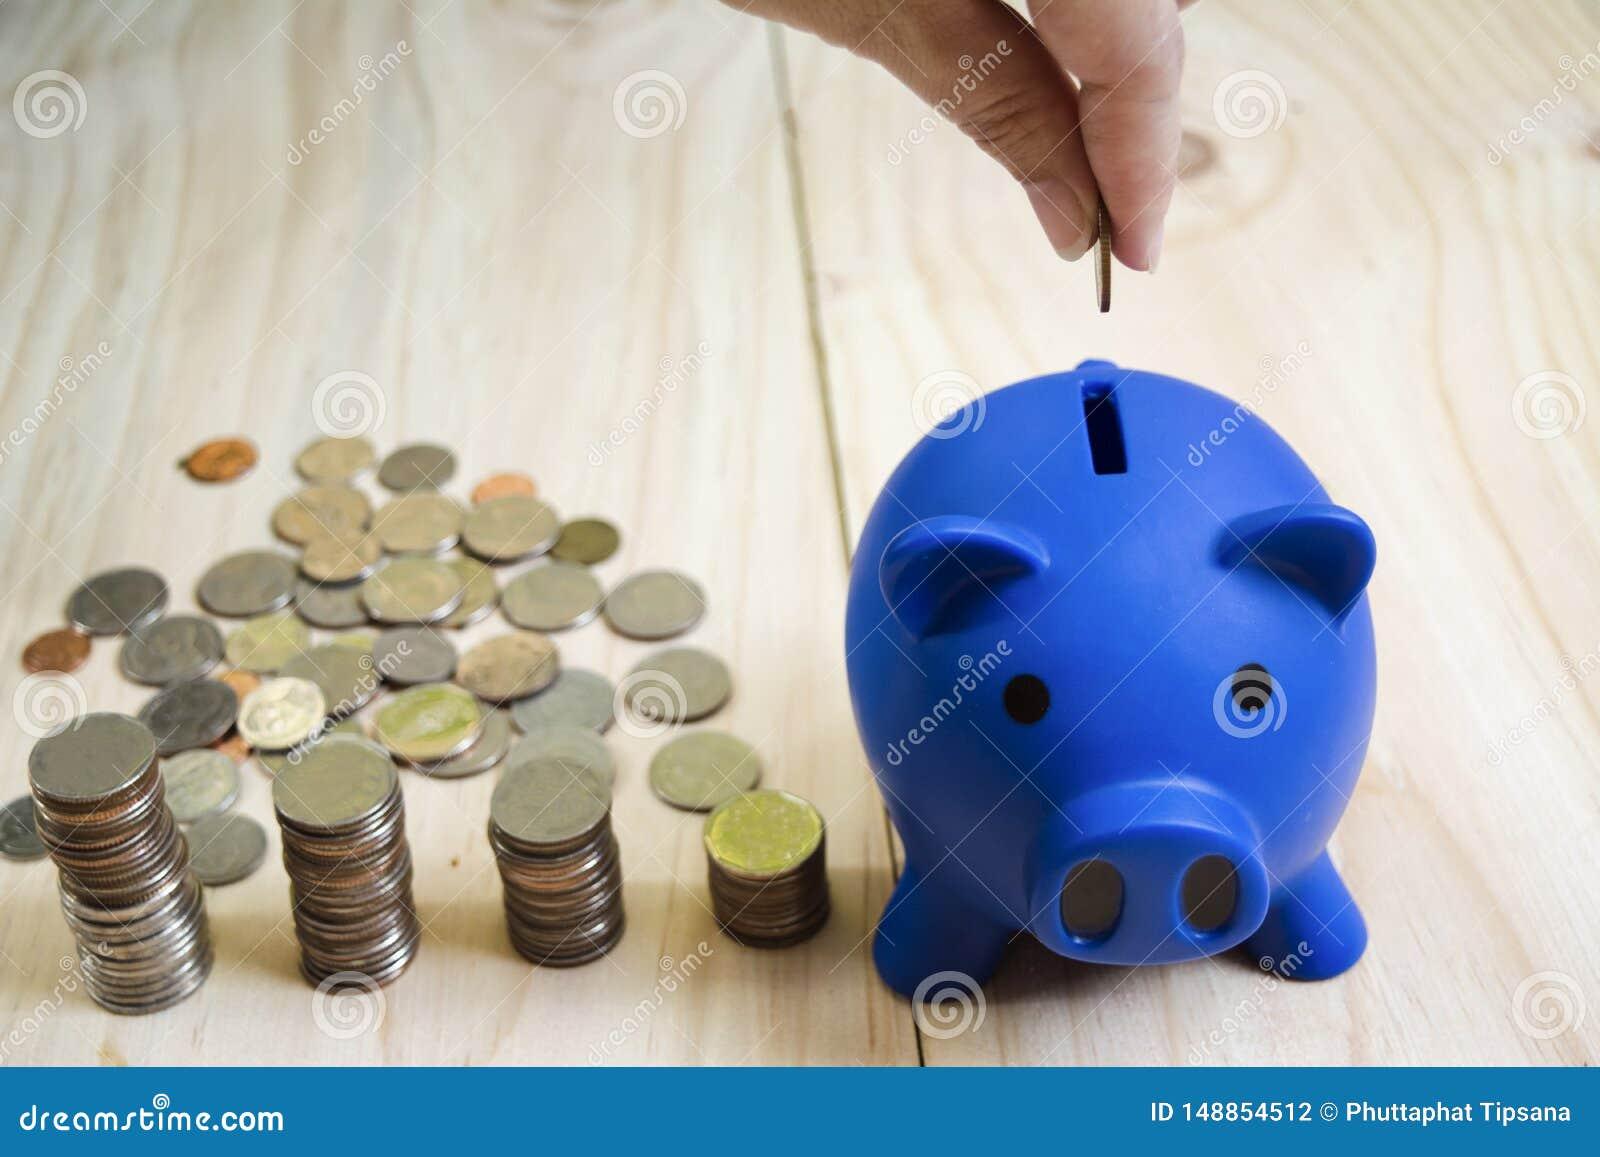 妇女手下落硬币蓝色存钱罐和硬币堆在木地板被安置,与保存和投资的概念财政的